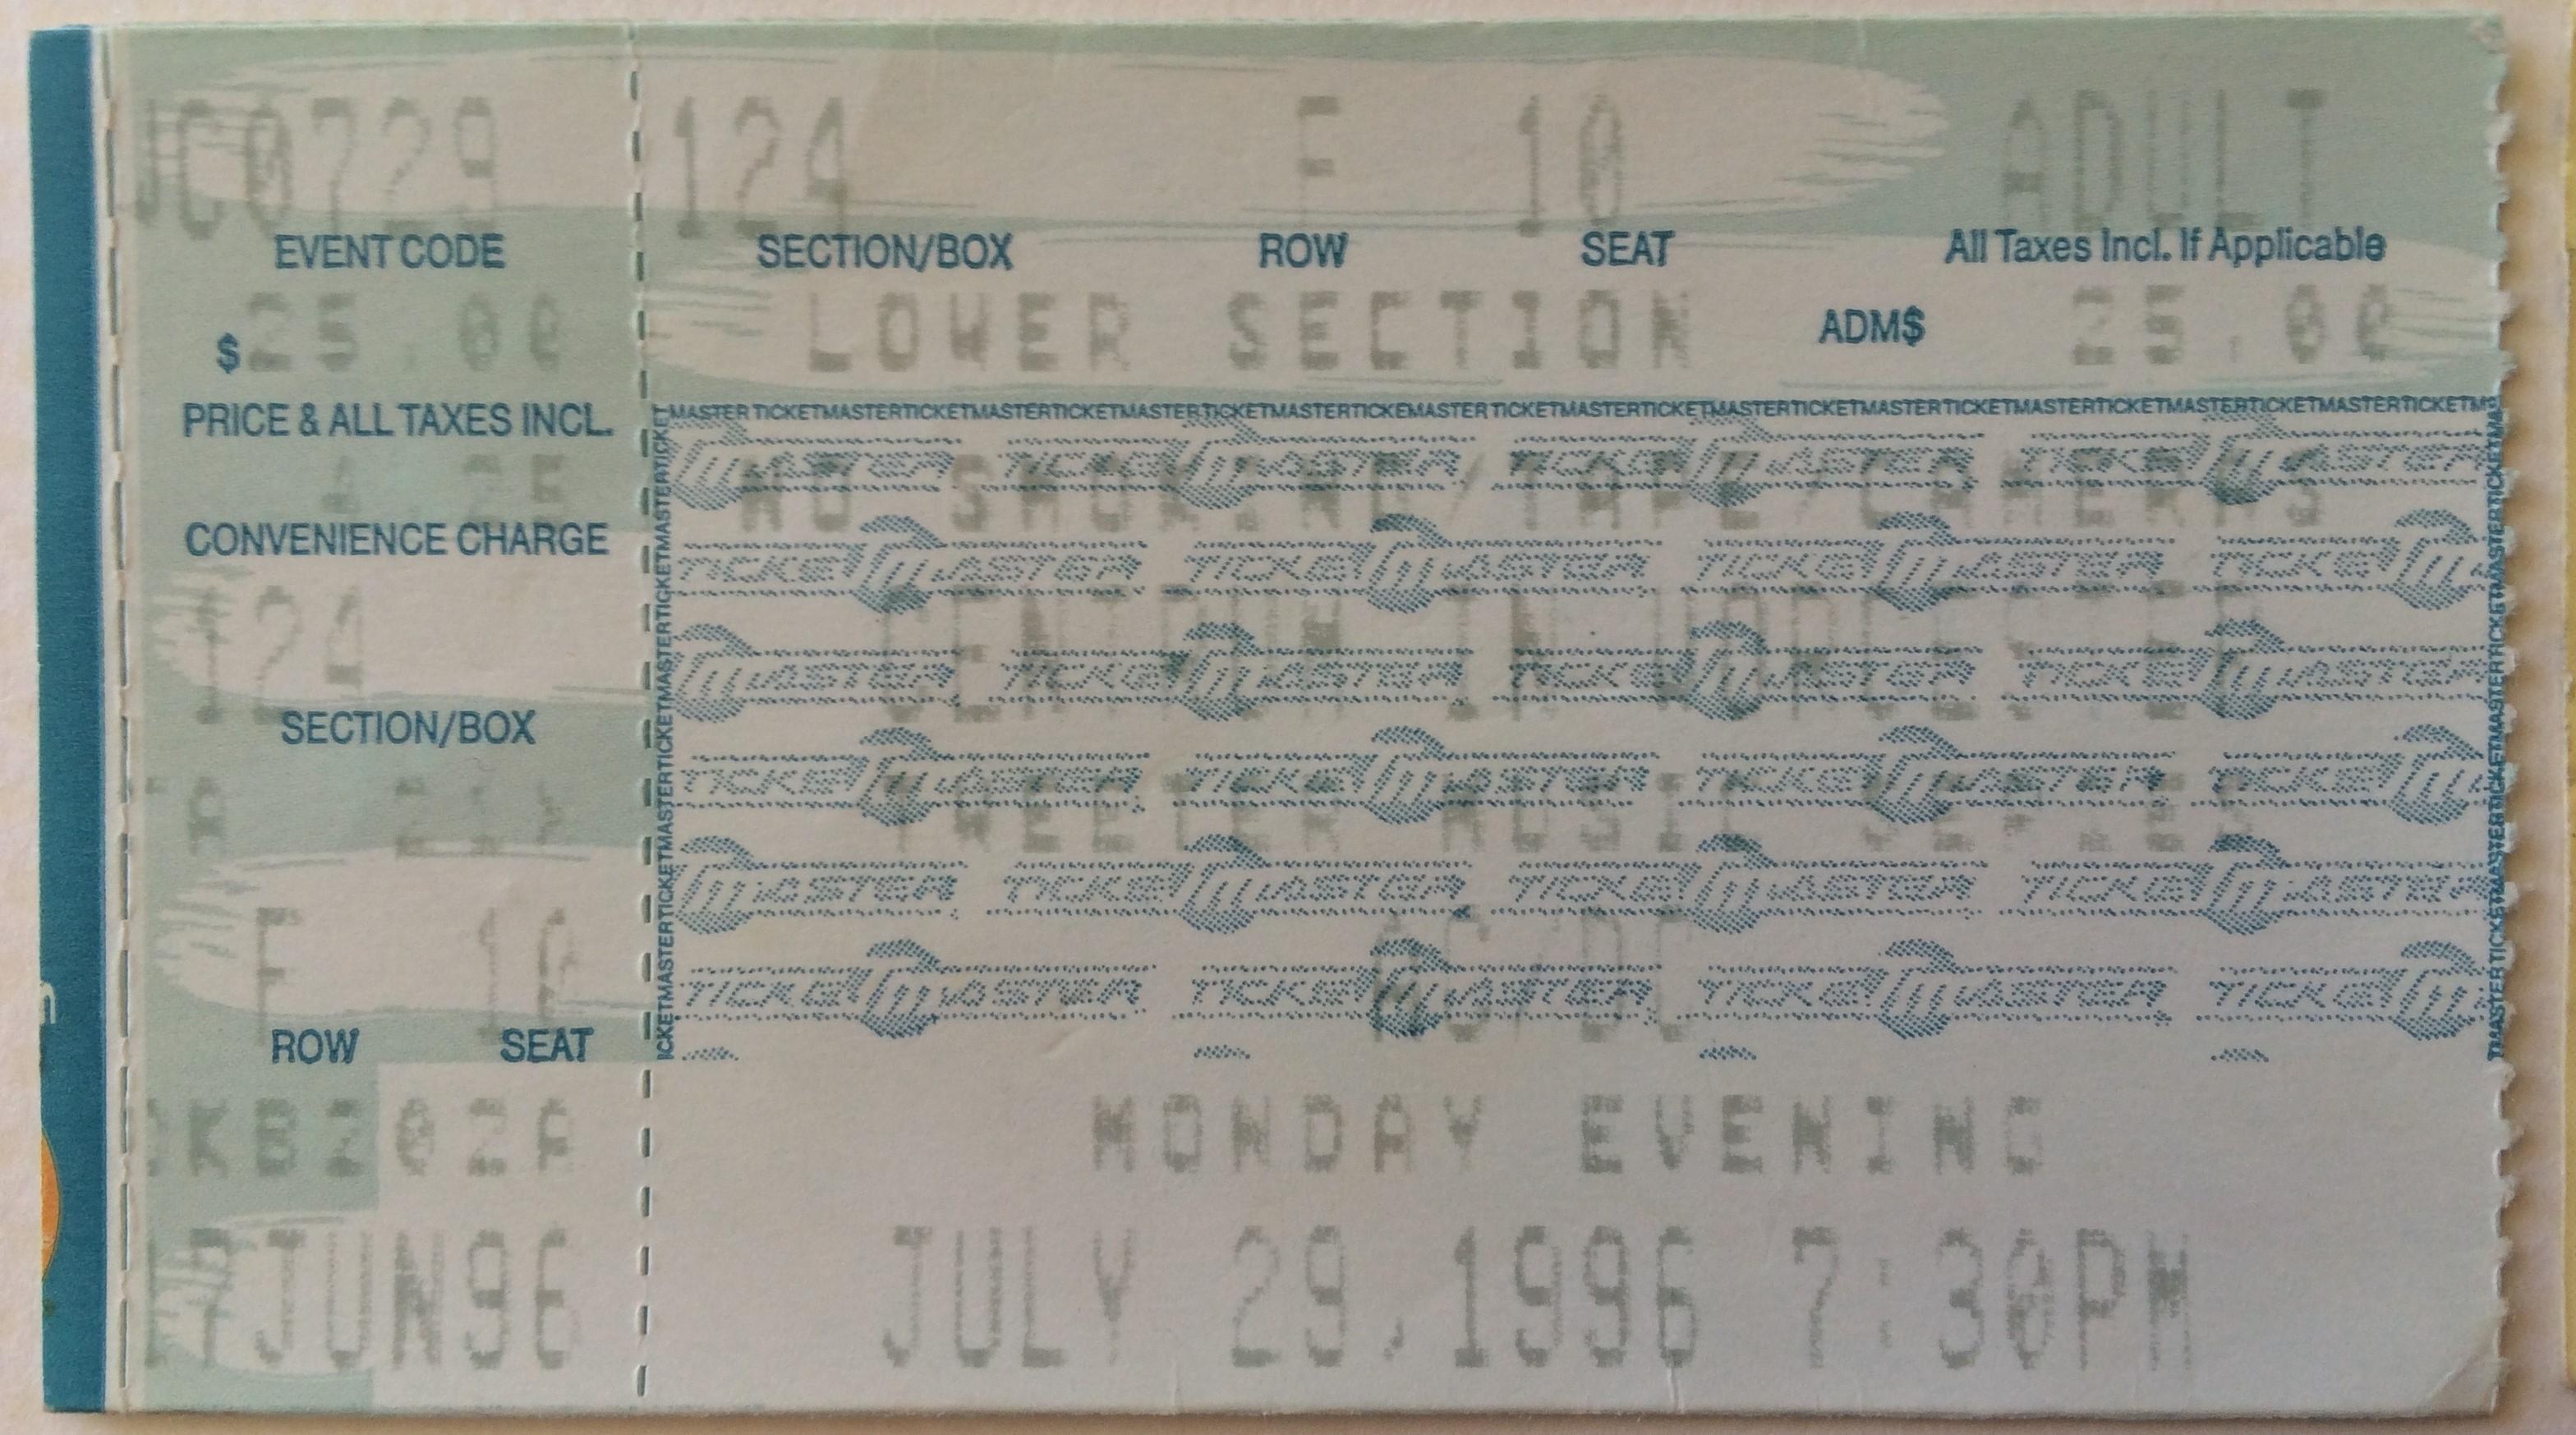 1996-AC_DC